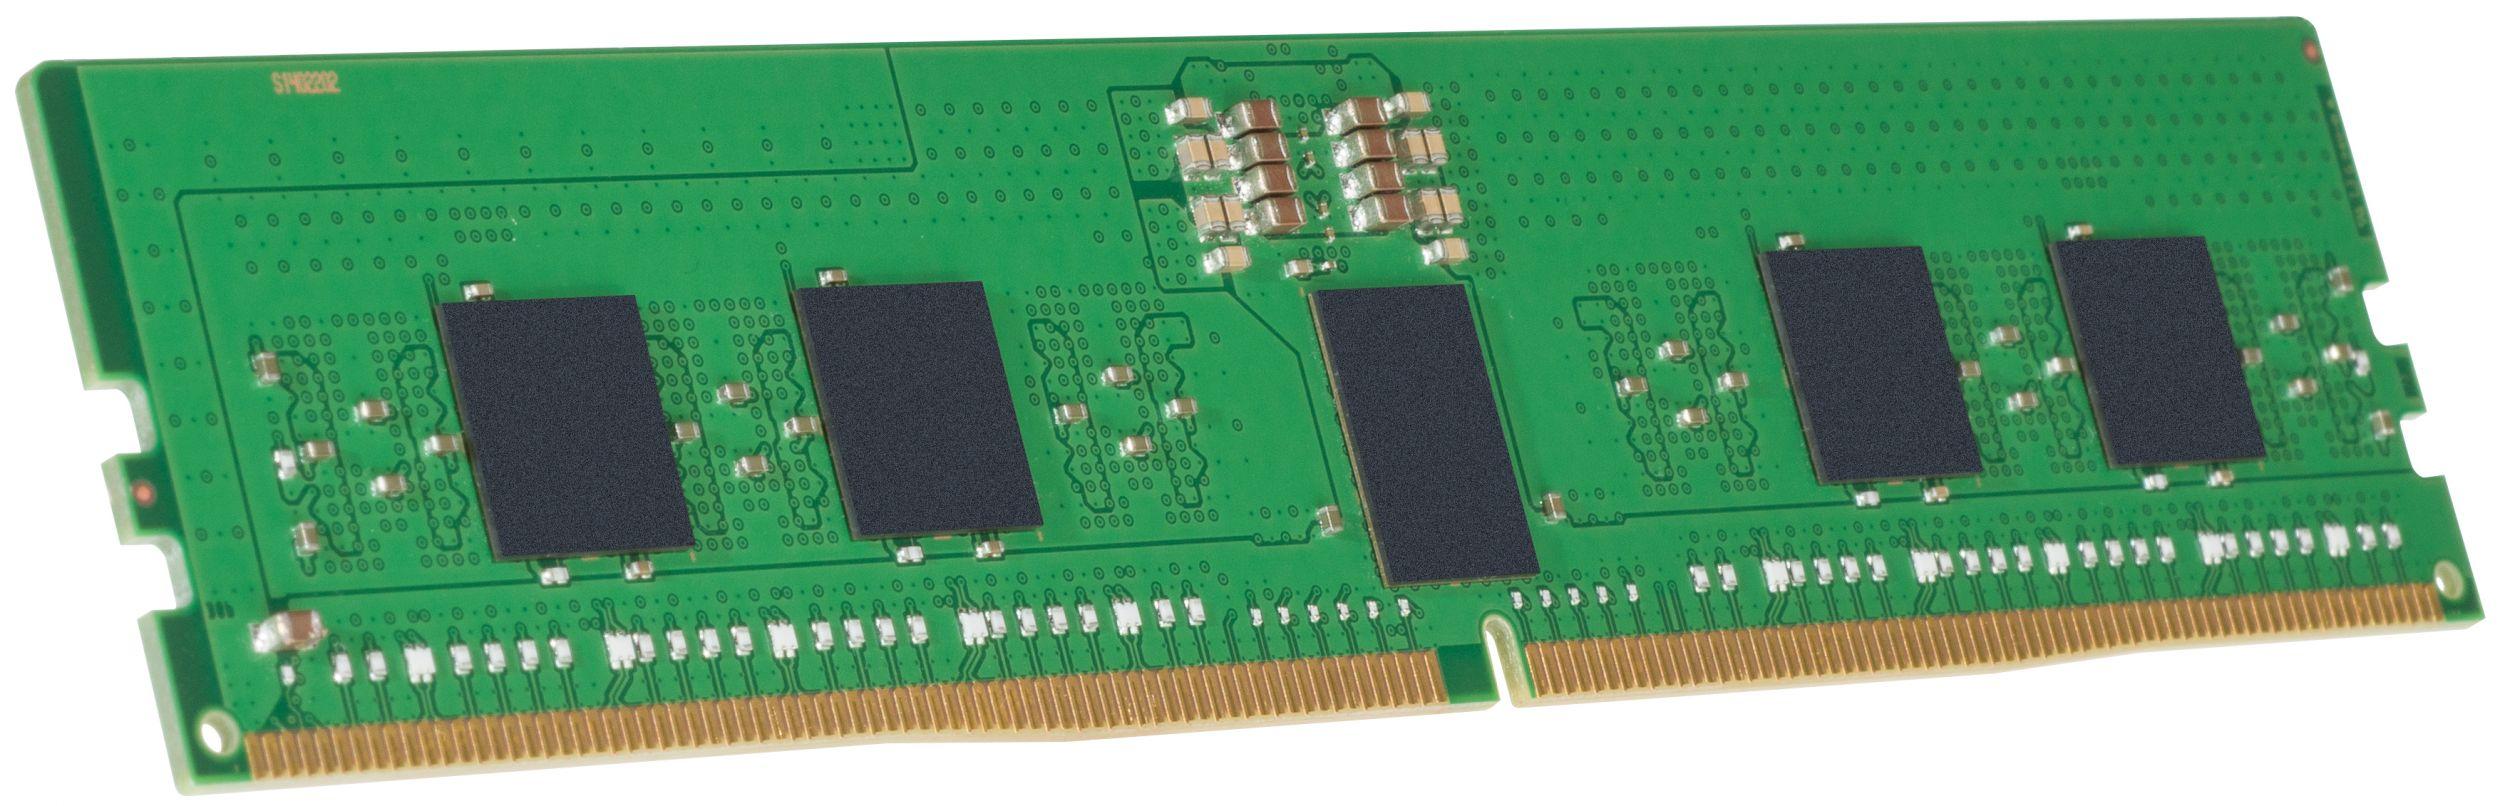 DDR5-Module für industrielle Anwendungen